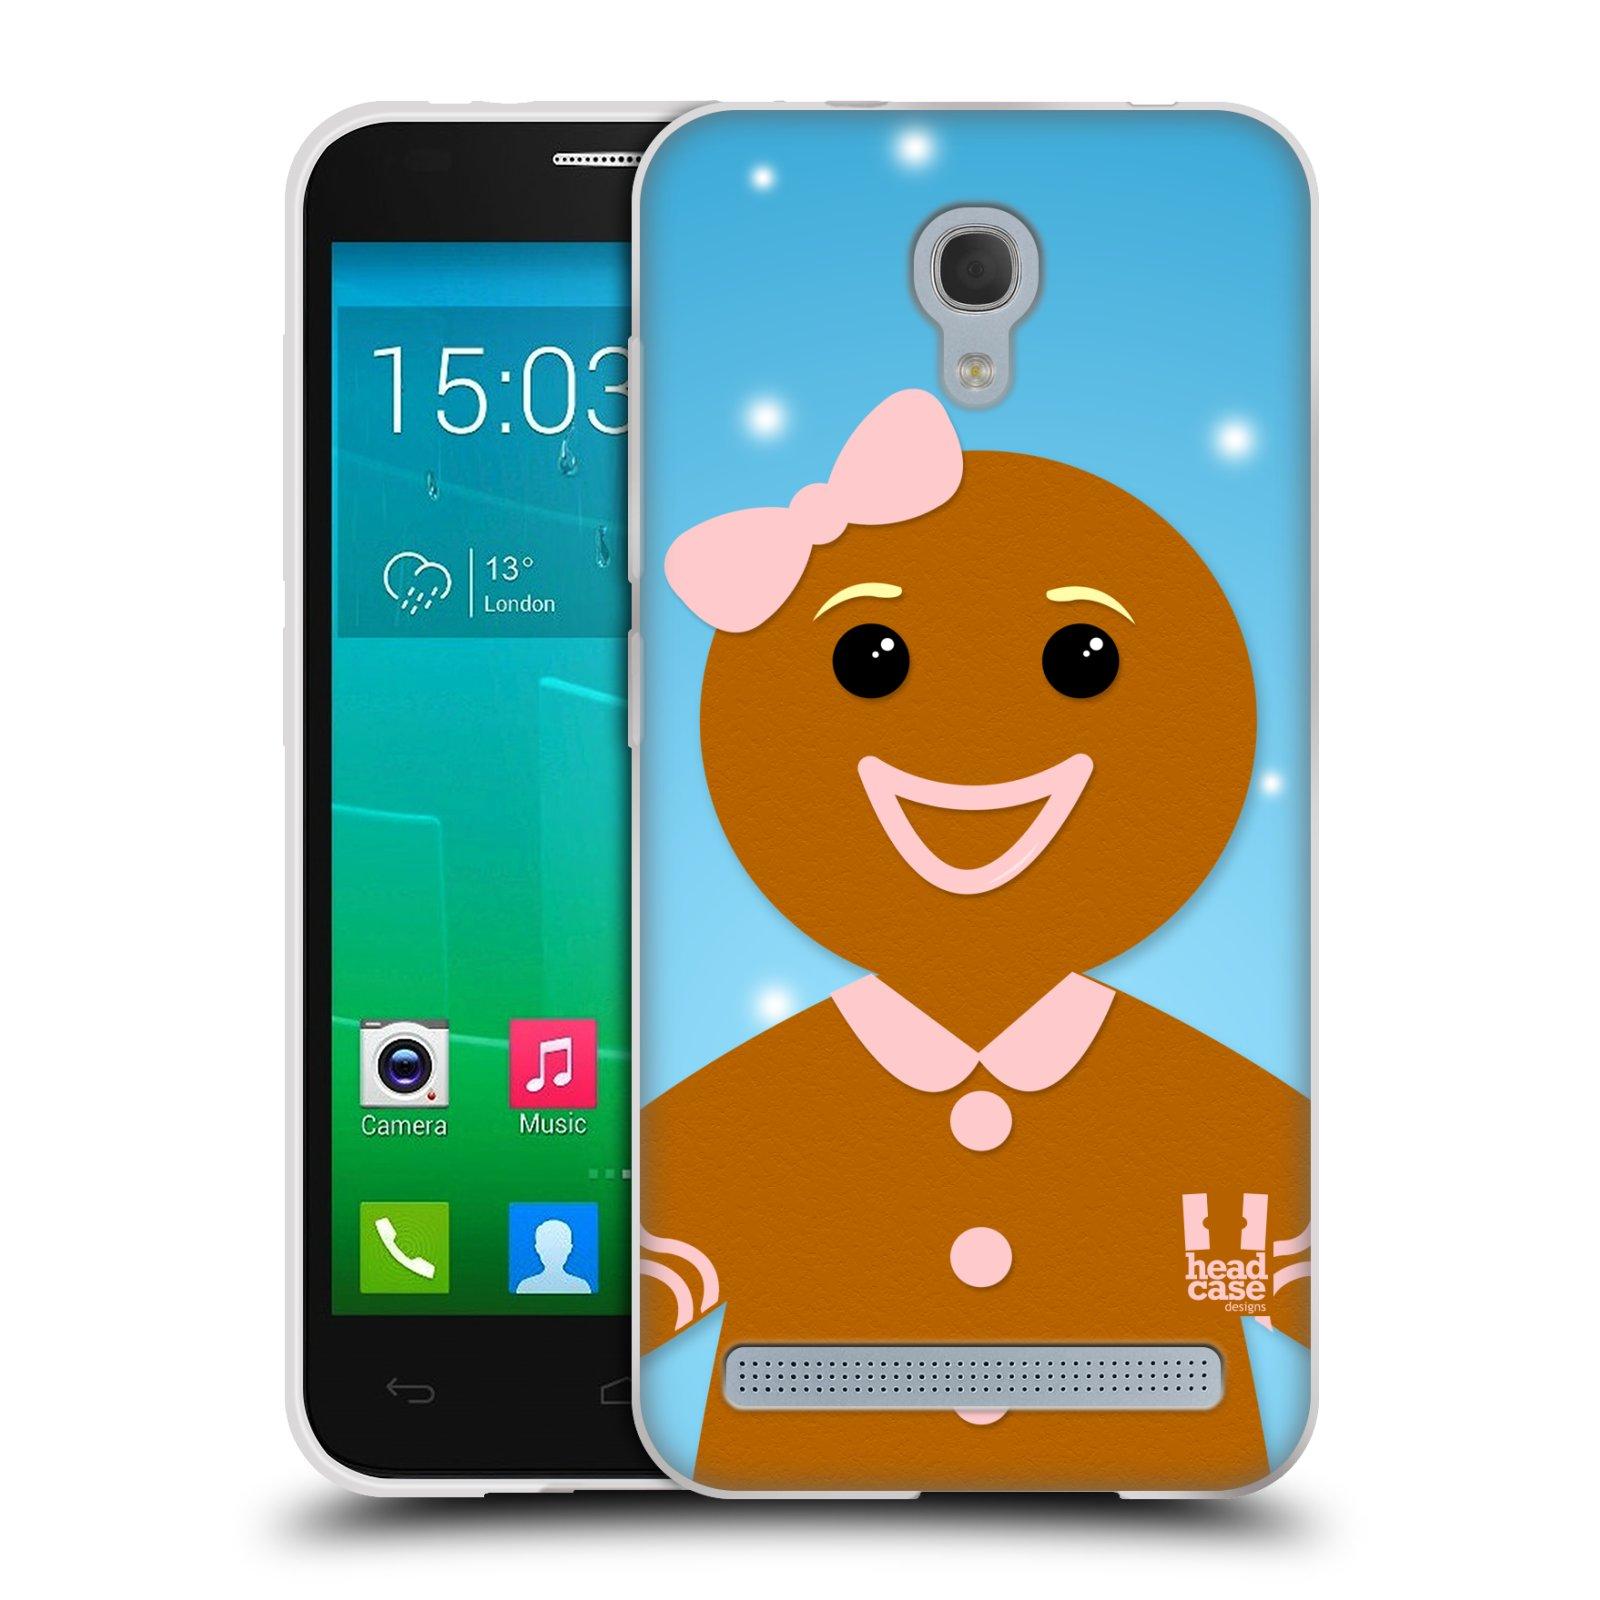 Silikonové pouzdro na mobil Alcatel One Touch Idol 2 Mini S 6036Y HEAD CASE VÁNOCE PERNÍČEK (Silikonový kryt či obal na mobilní telefon Alcatel Idol 2 Mini S OT-6036Y)